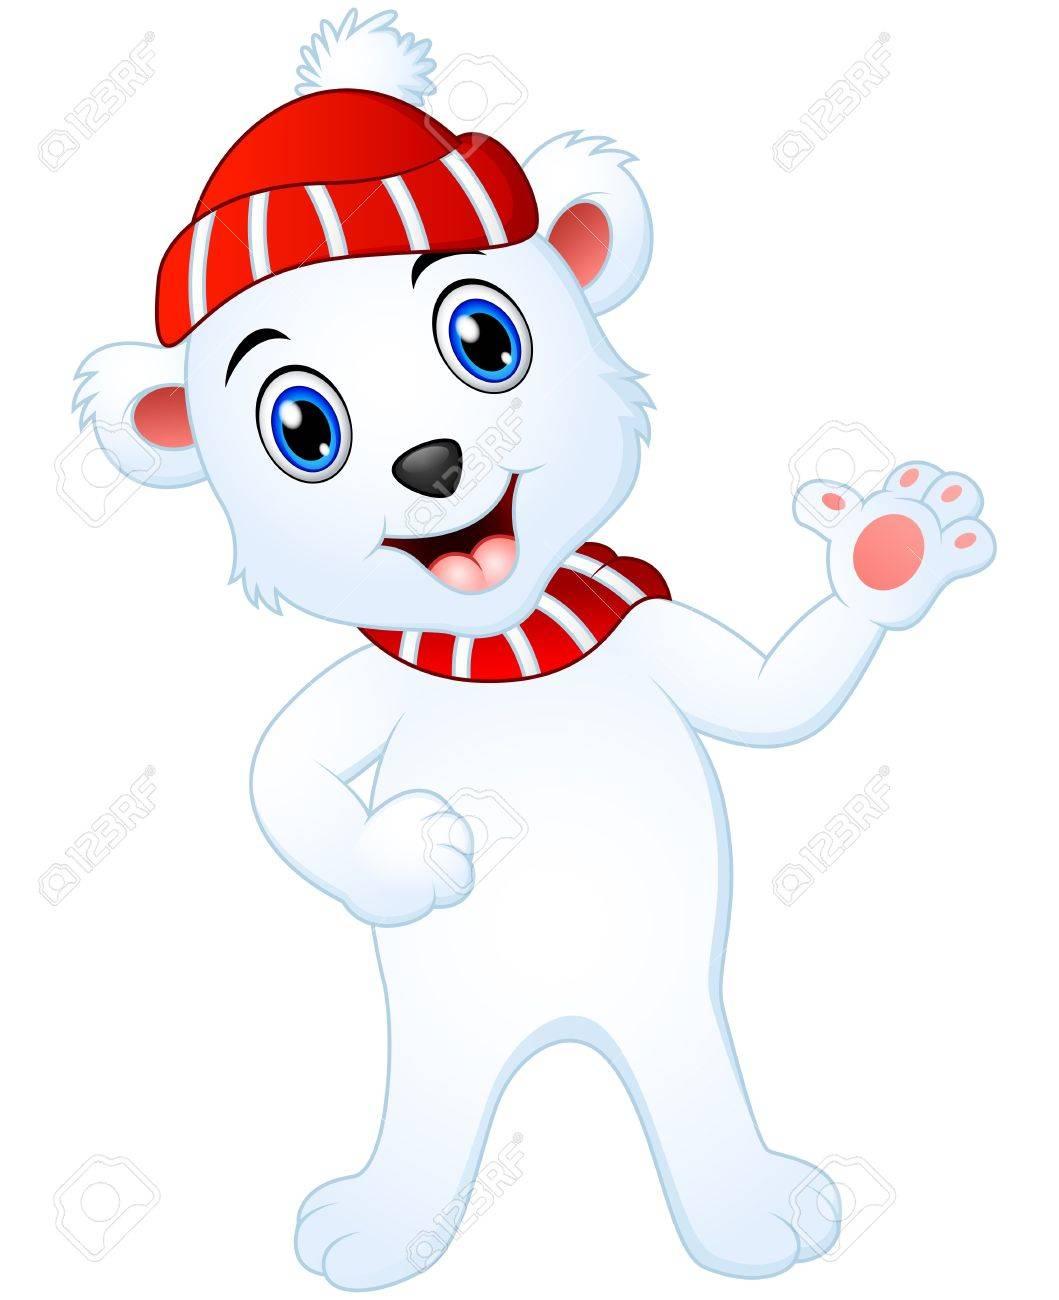 Dessin De Bande Dessinee Blanche D Ours Blanc De Noel Banque D